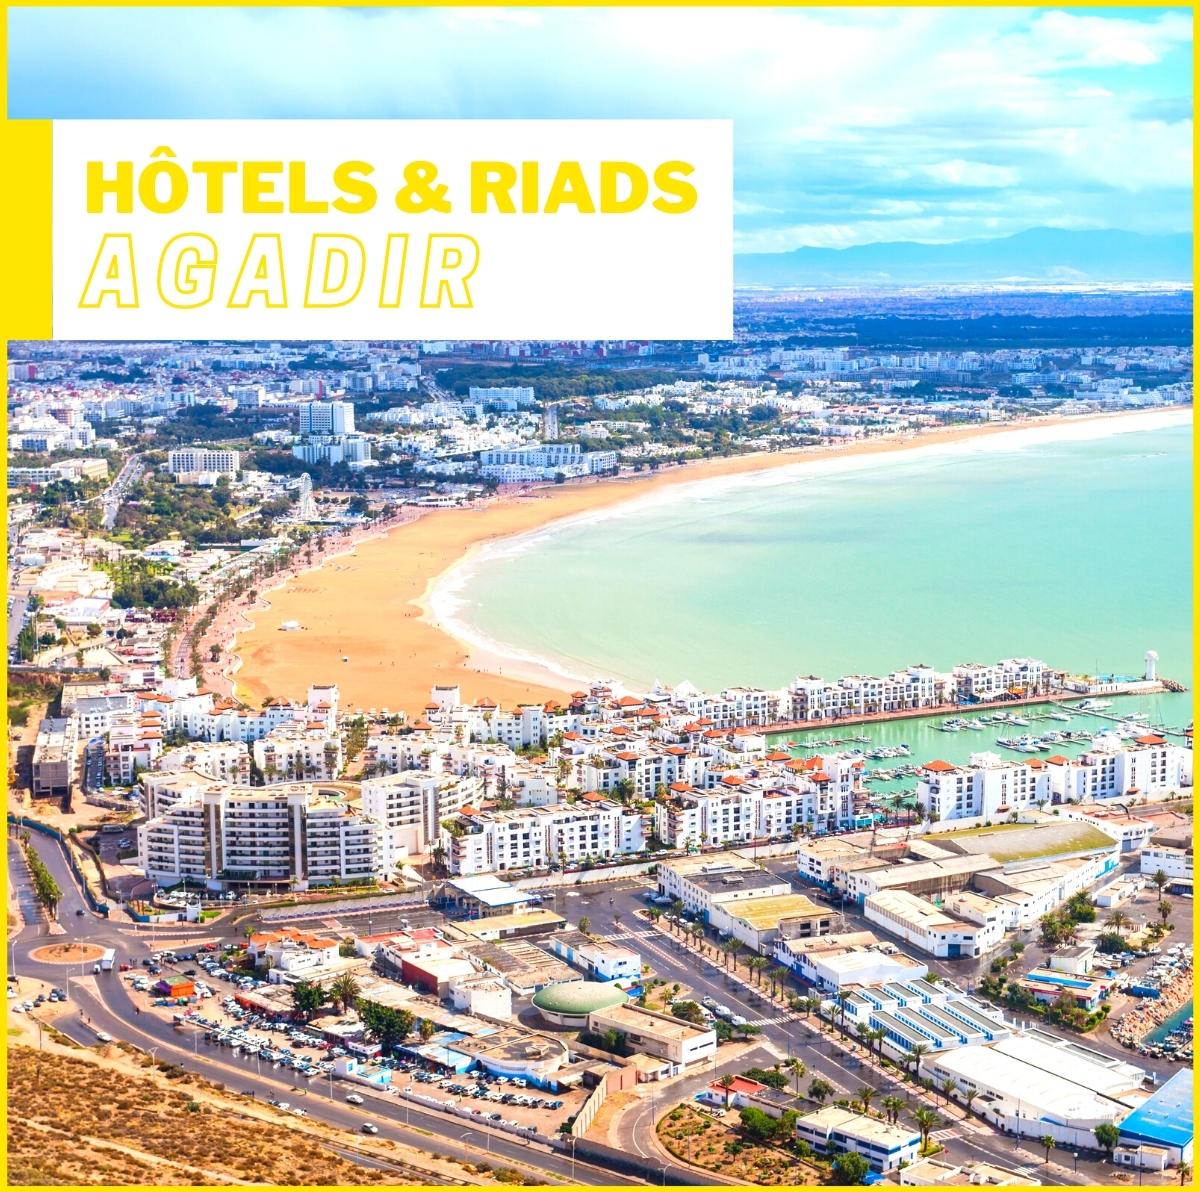 Hôtels et Riads à Agadir